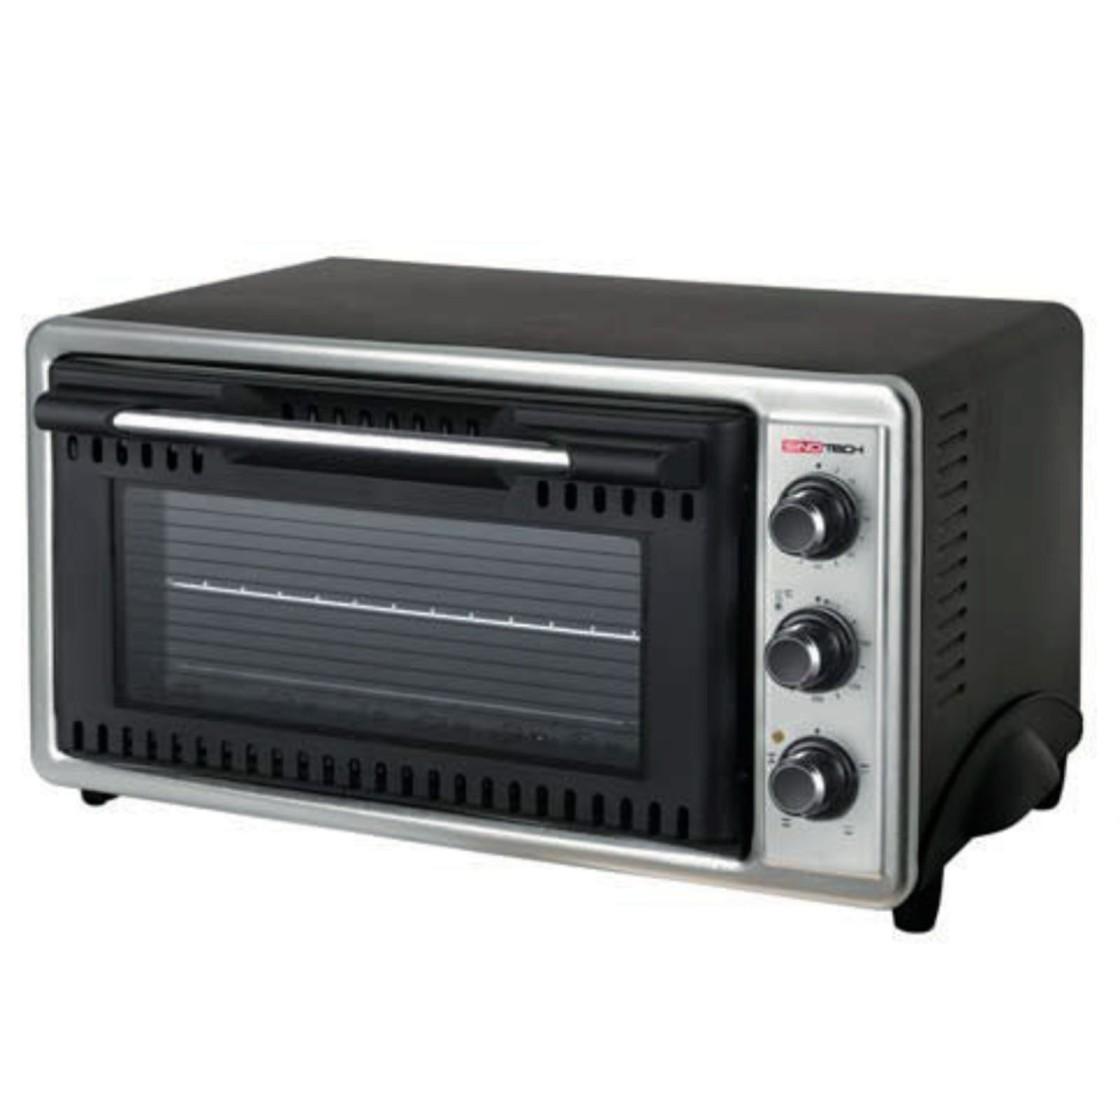 Colombo di maresso vendita macchine per cucire e accessori - Forno elettrico microonde ...